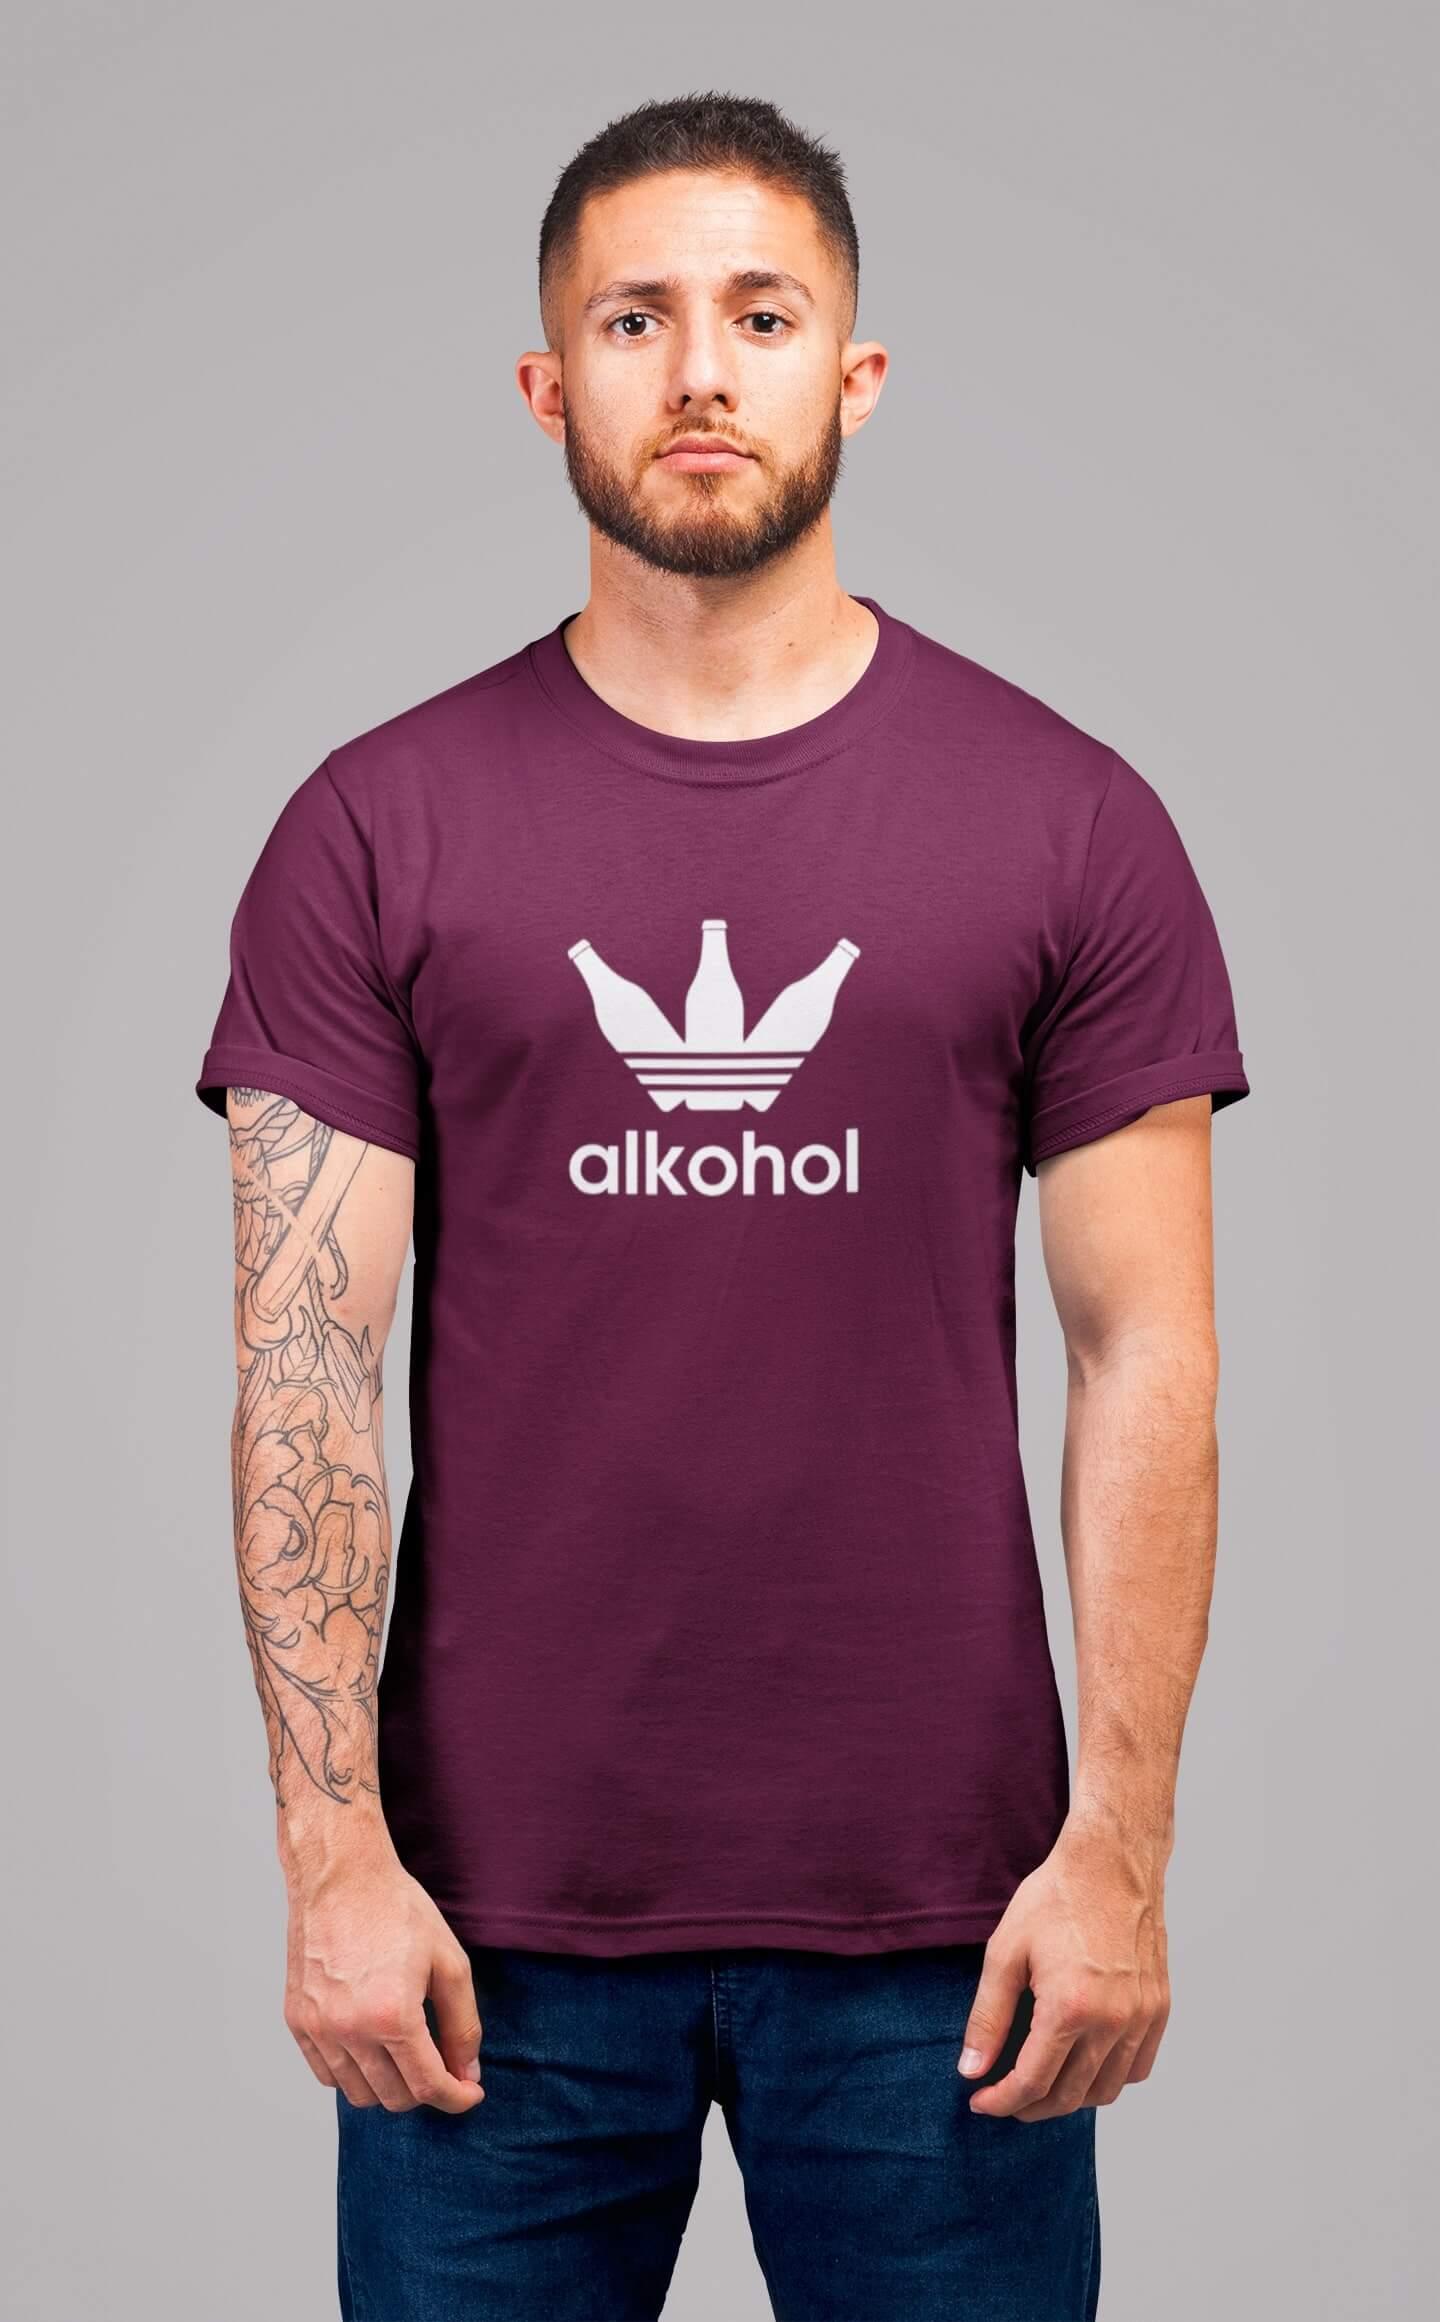 MMO Pánske tričko s flaškami Vyberte farbu: Fuchsiová, Vyberte veľkosť: S